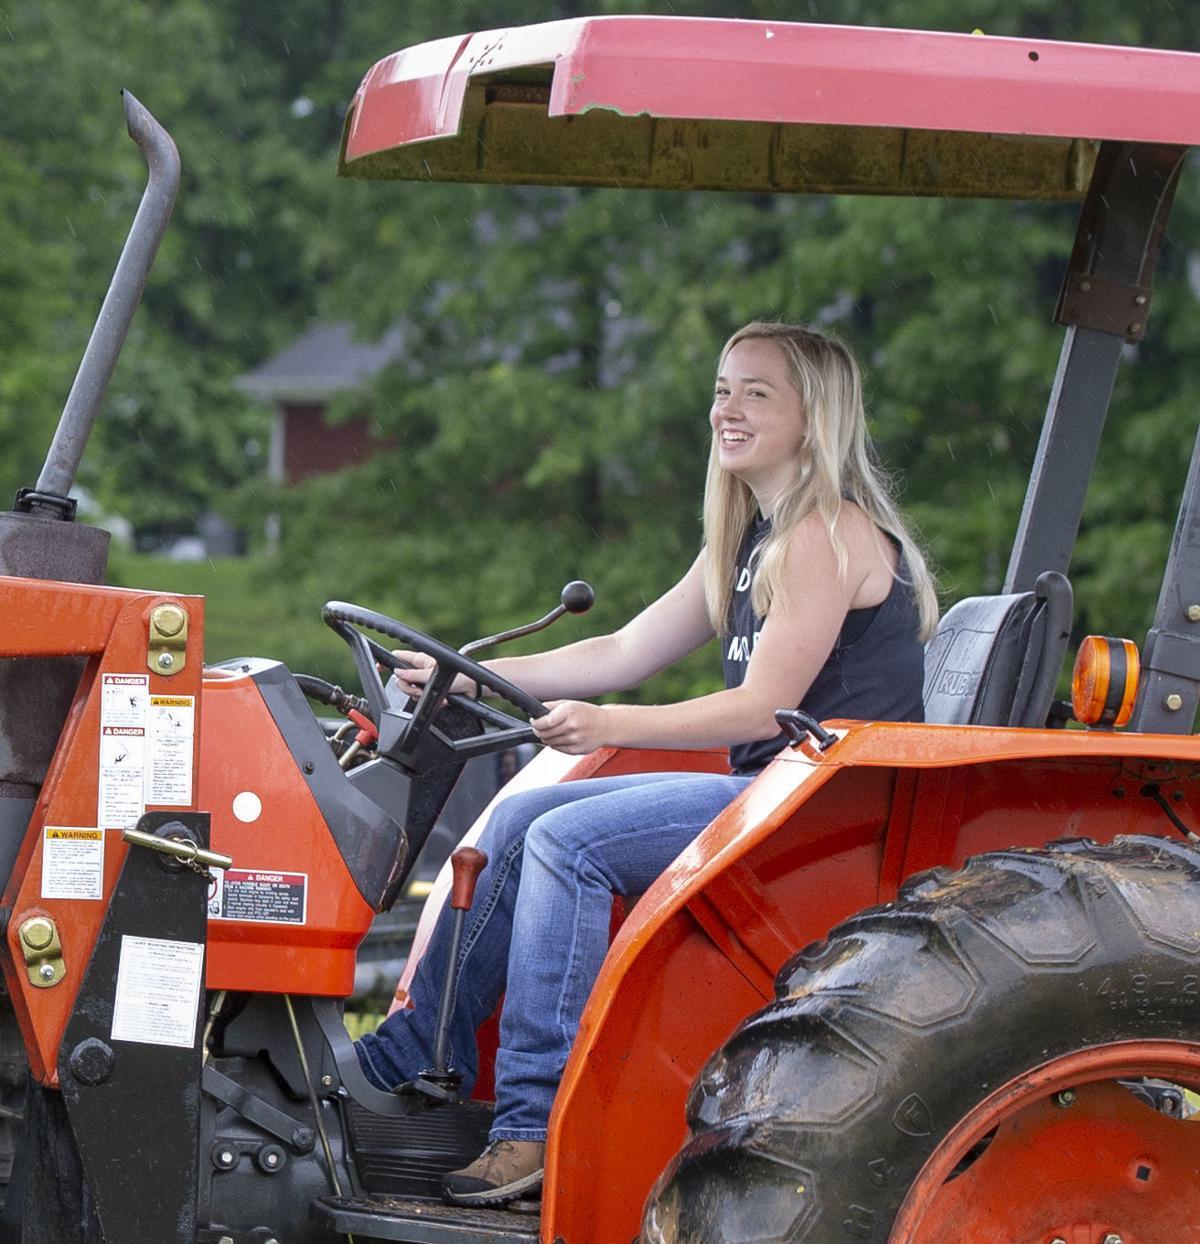 200522 Life on the farm 2